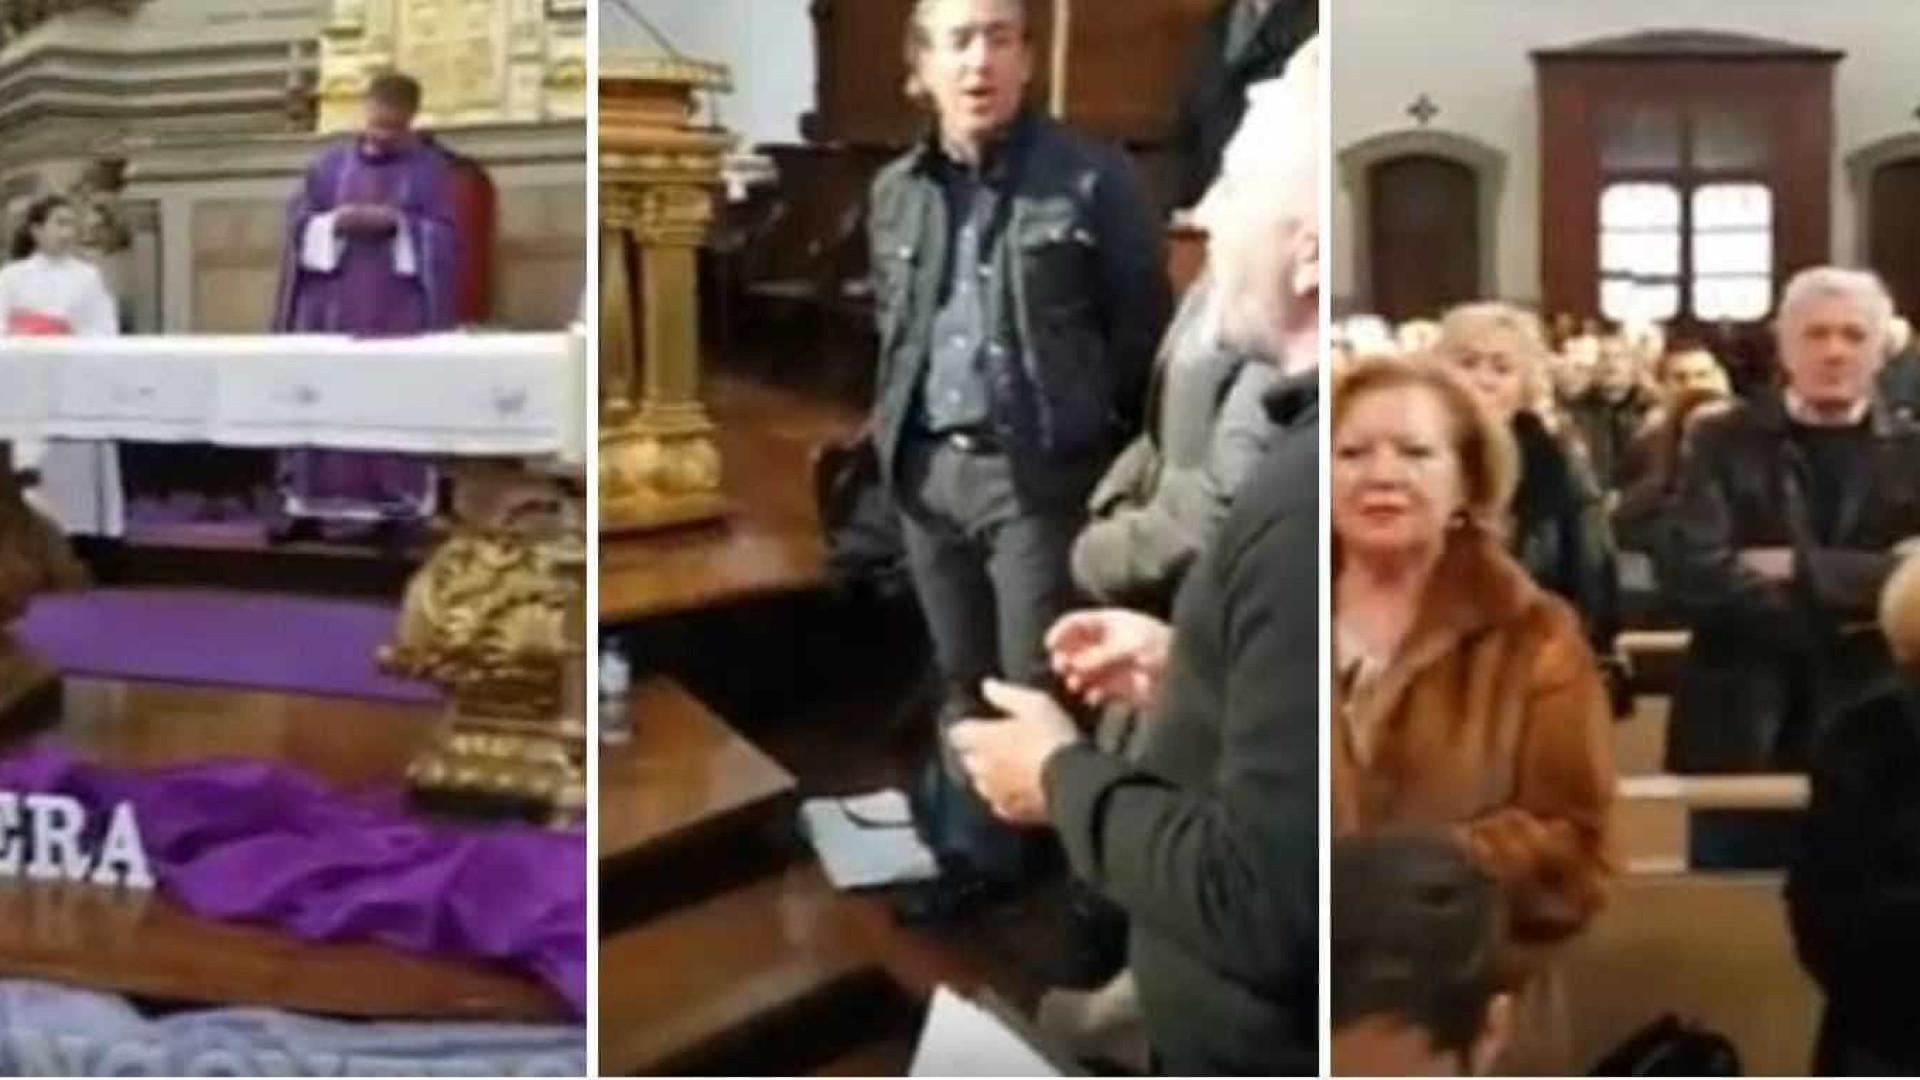 Voto de pesar pela morte de Zé Pedro aprovado por unanimidade